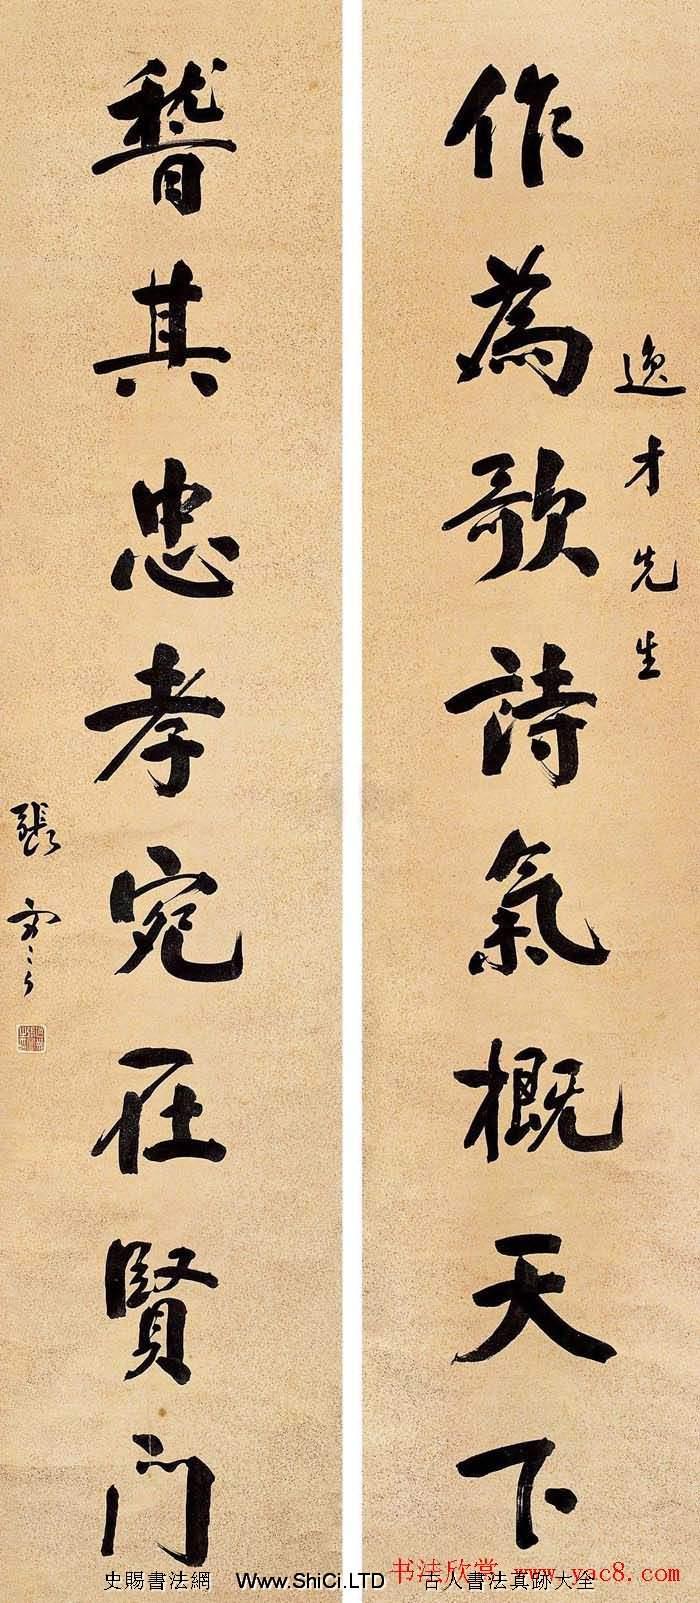 近代張謇書法作品欣賞